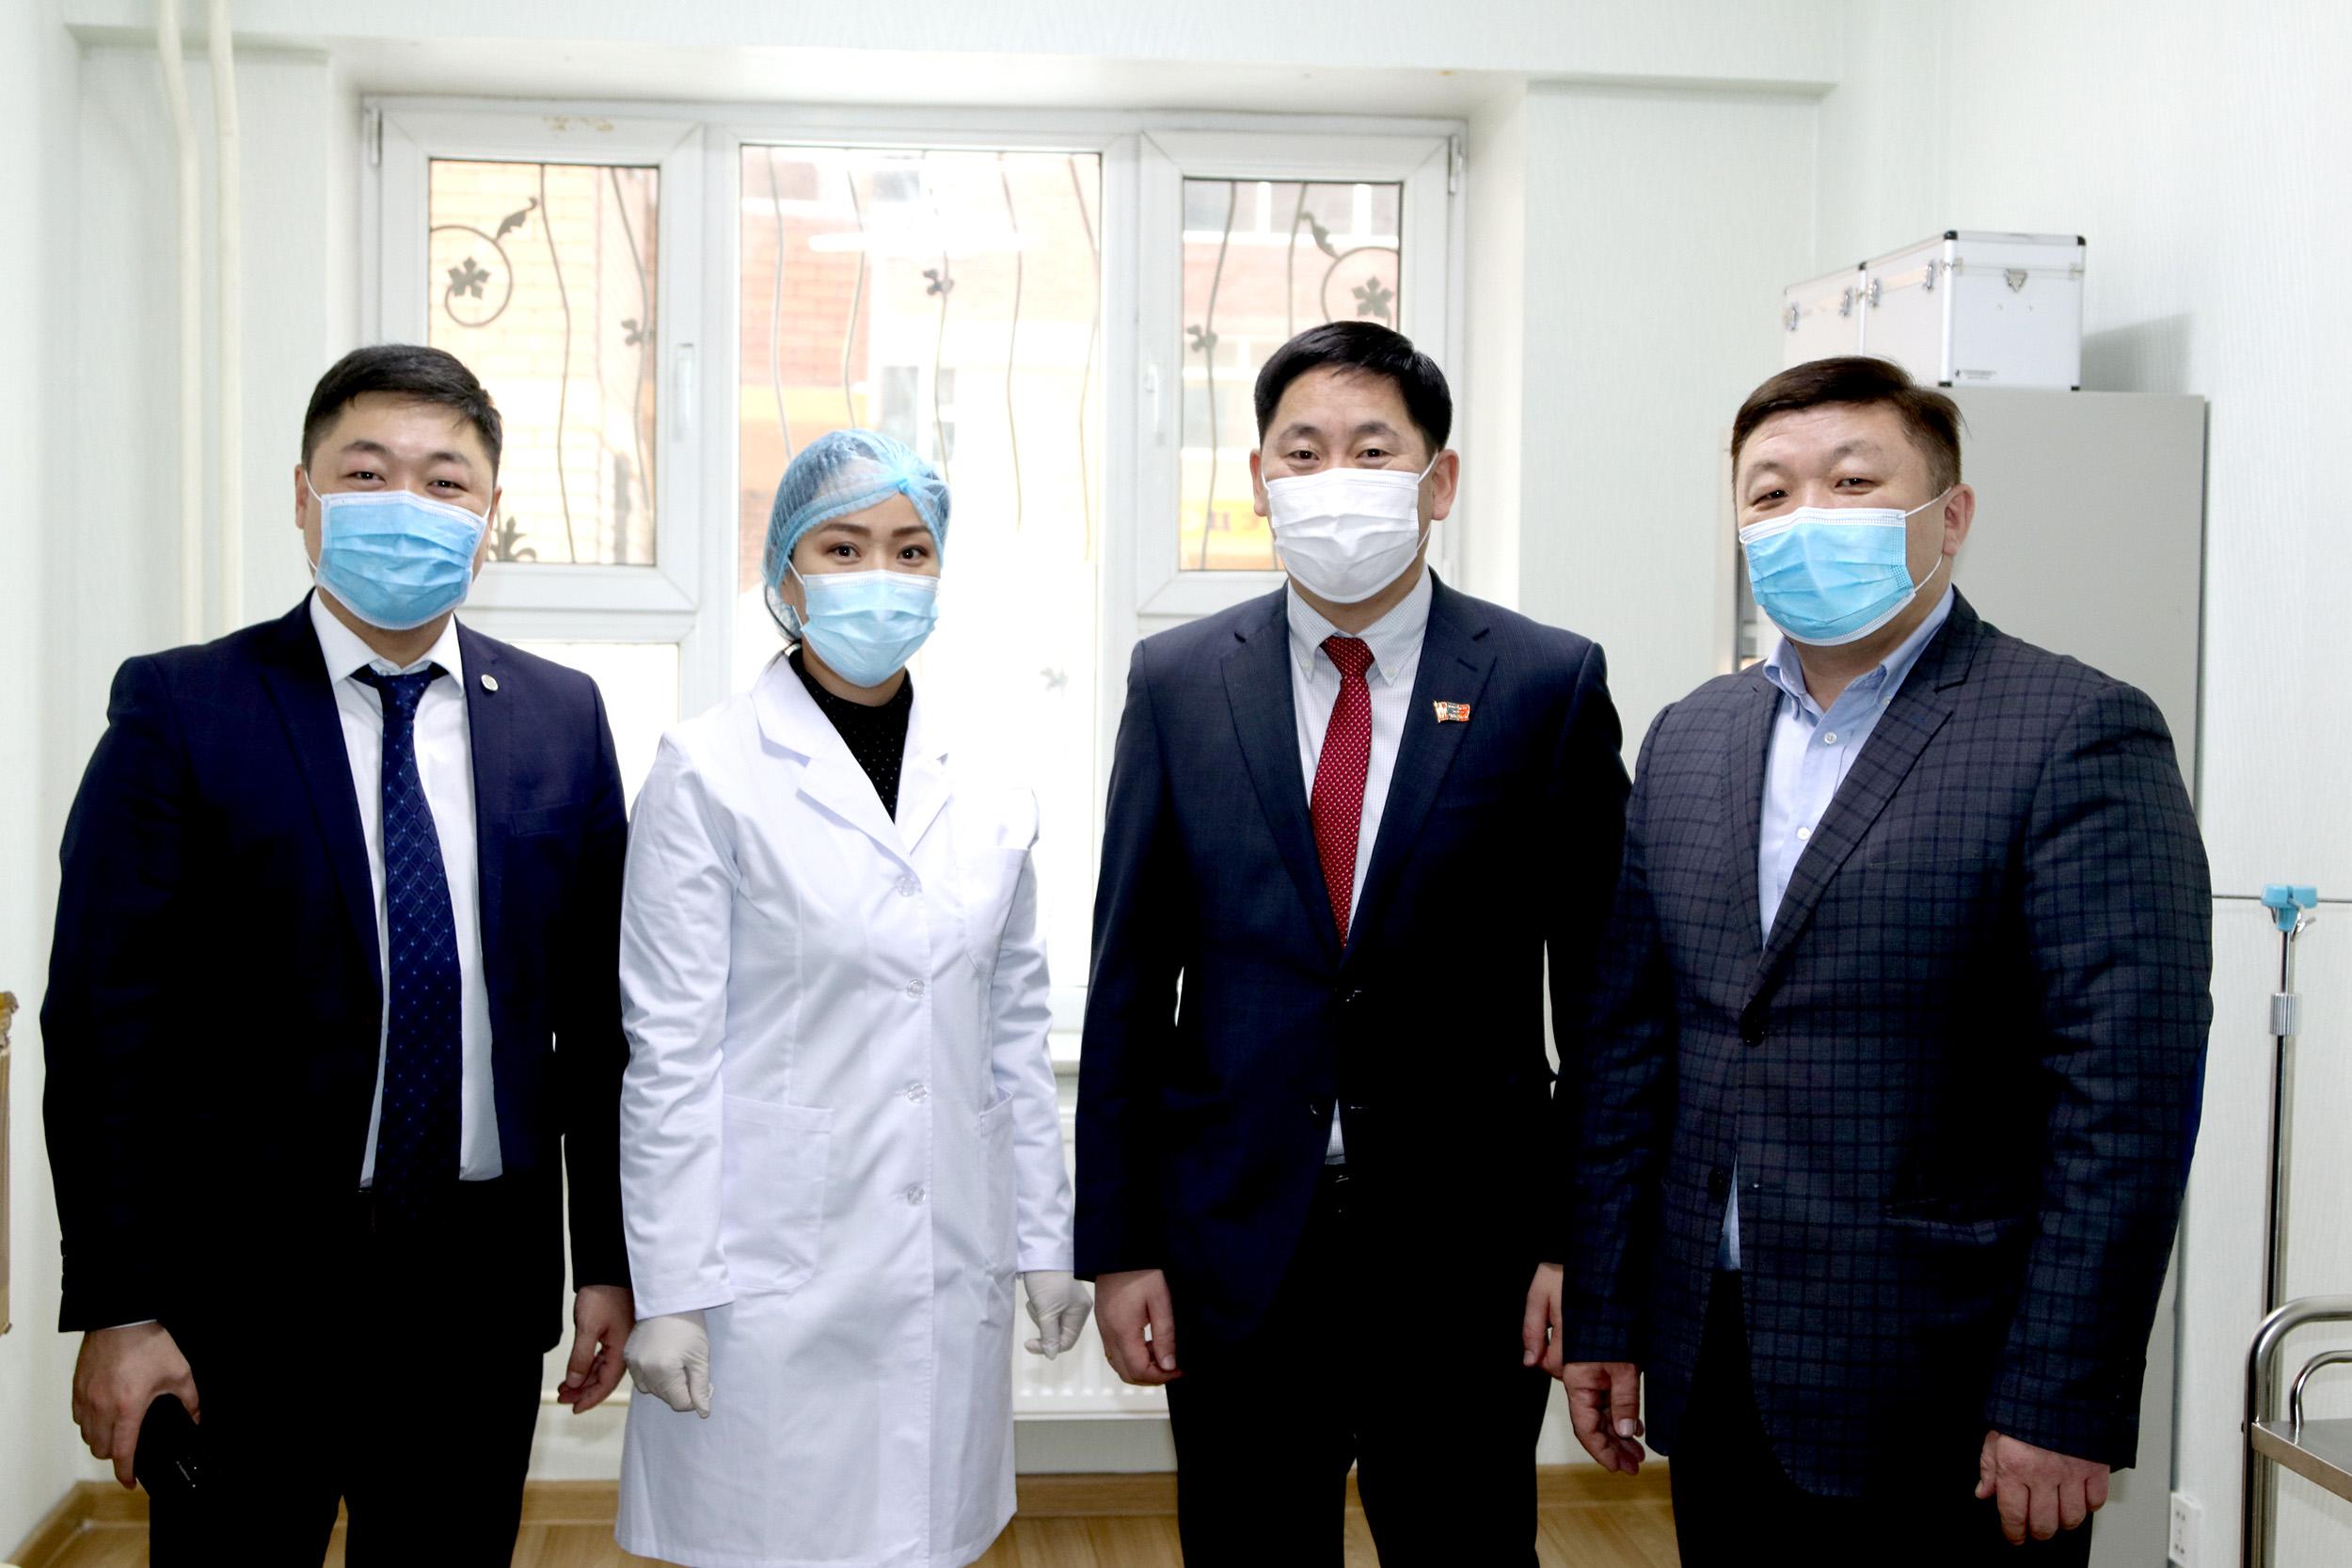 Баянгол дүүргийн гуравдугаар хороонд өрхийн салбар эмнэлэг нээгдлээ